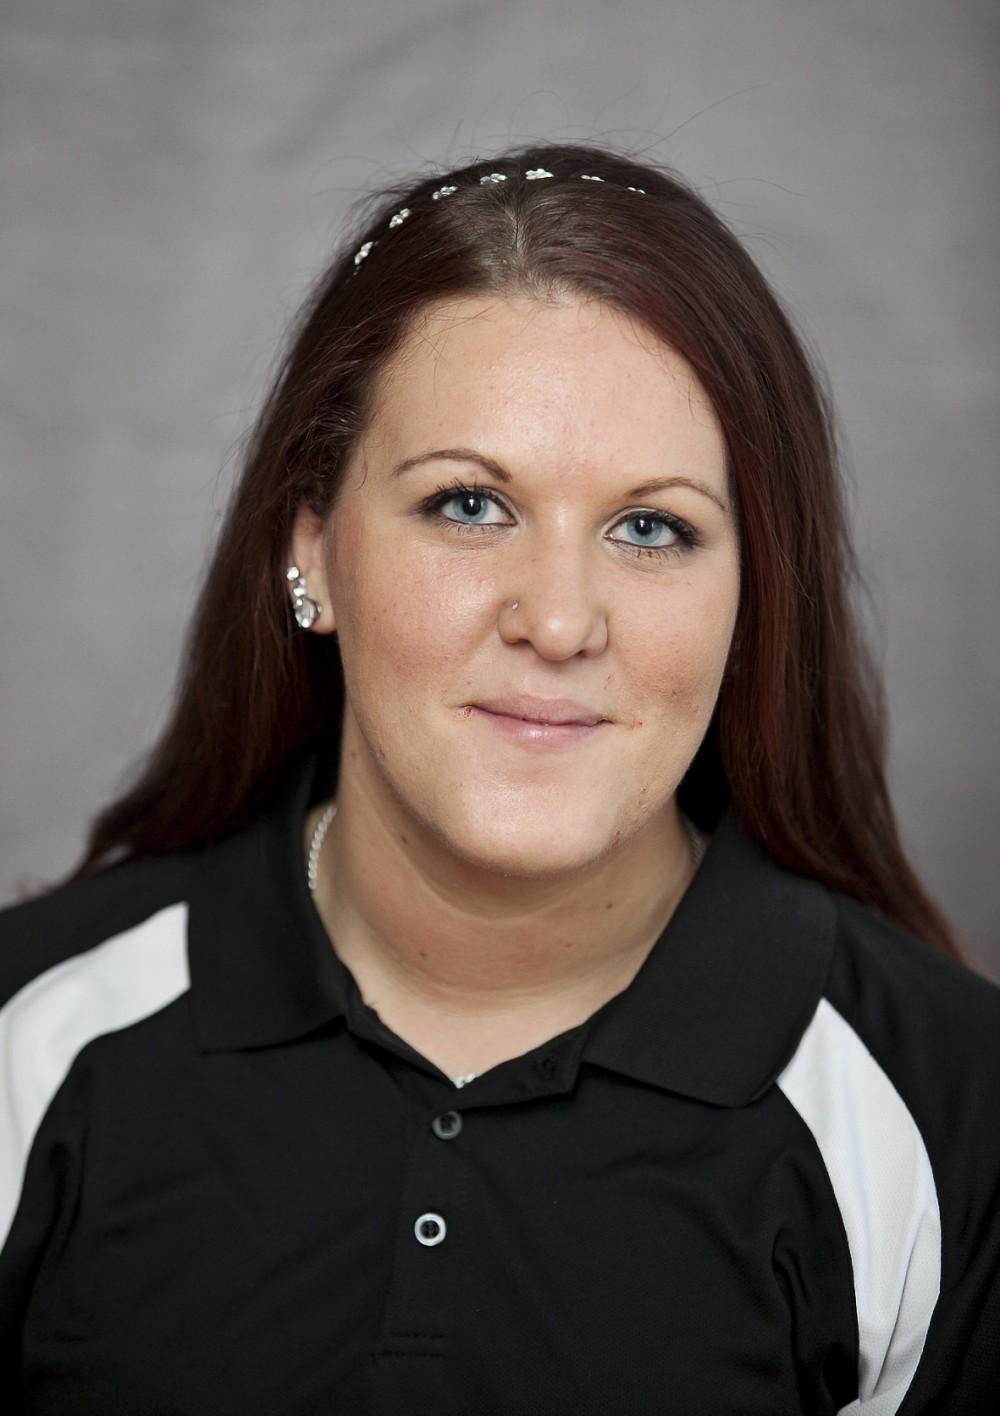 Marielle Nilsson